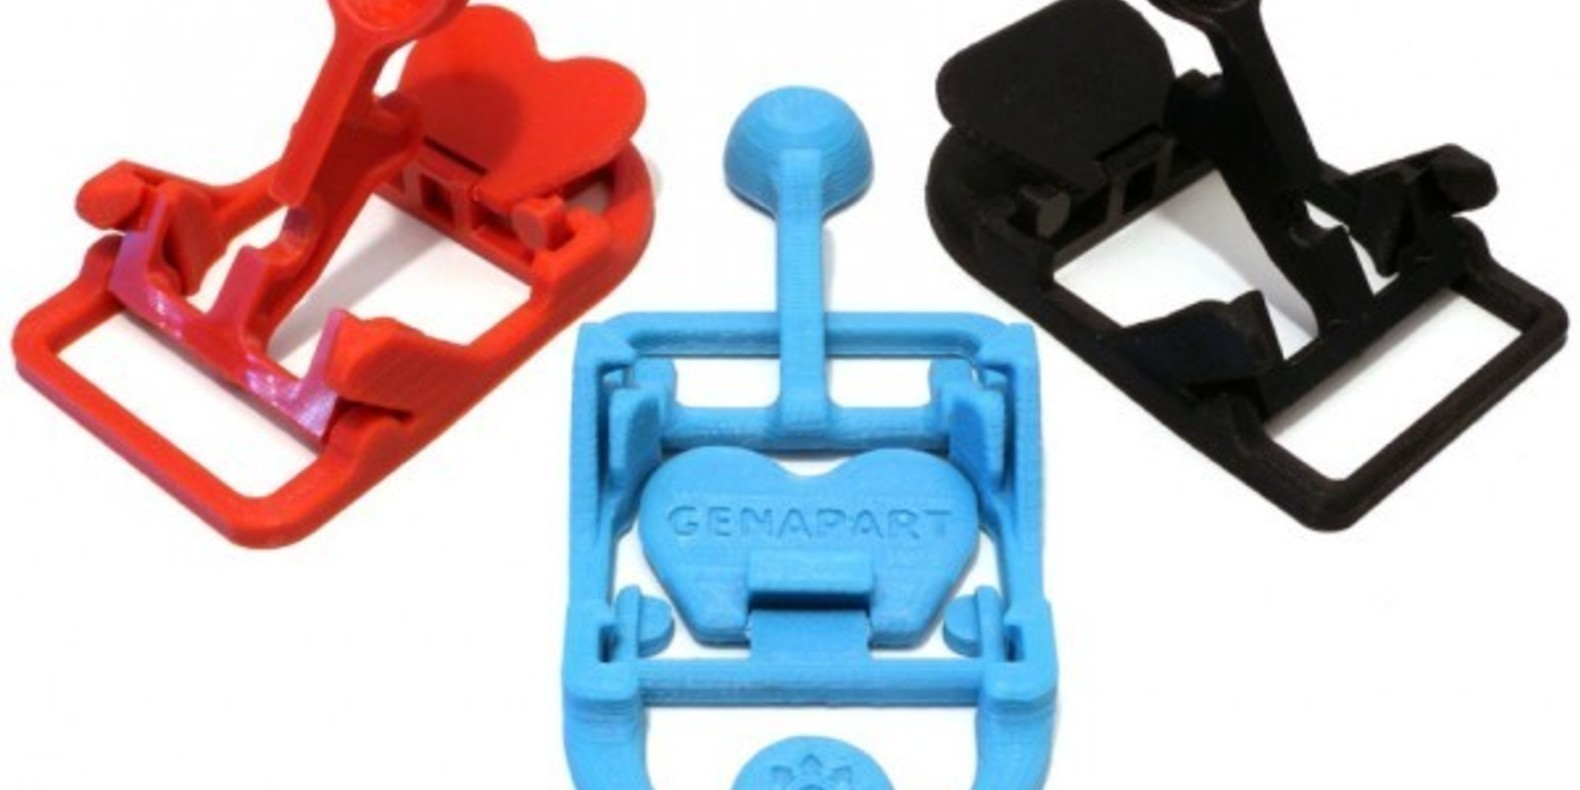 Une catapulte imprimable en 3D en une seule pièce